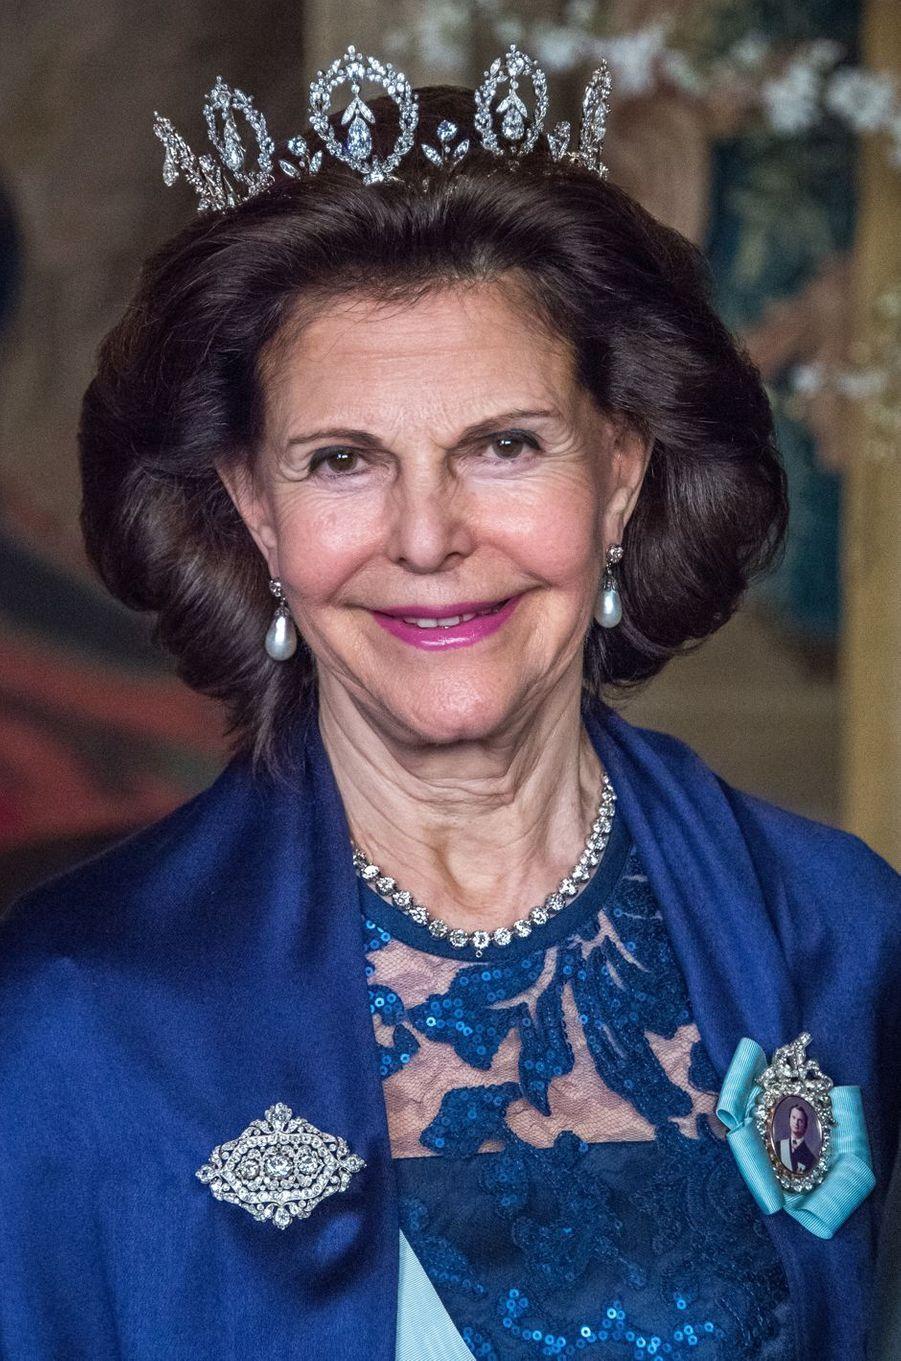 La reine Silvia de Suède au Palais royal à Stockholm, le 23 mars 2017